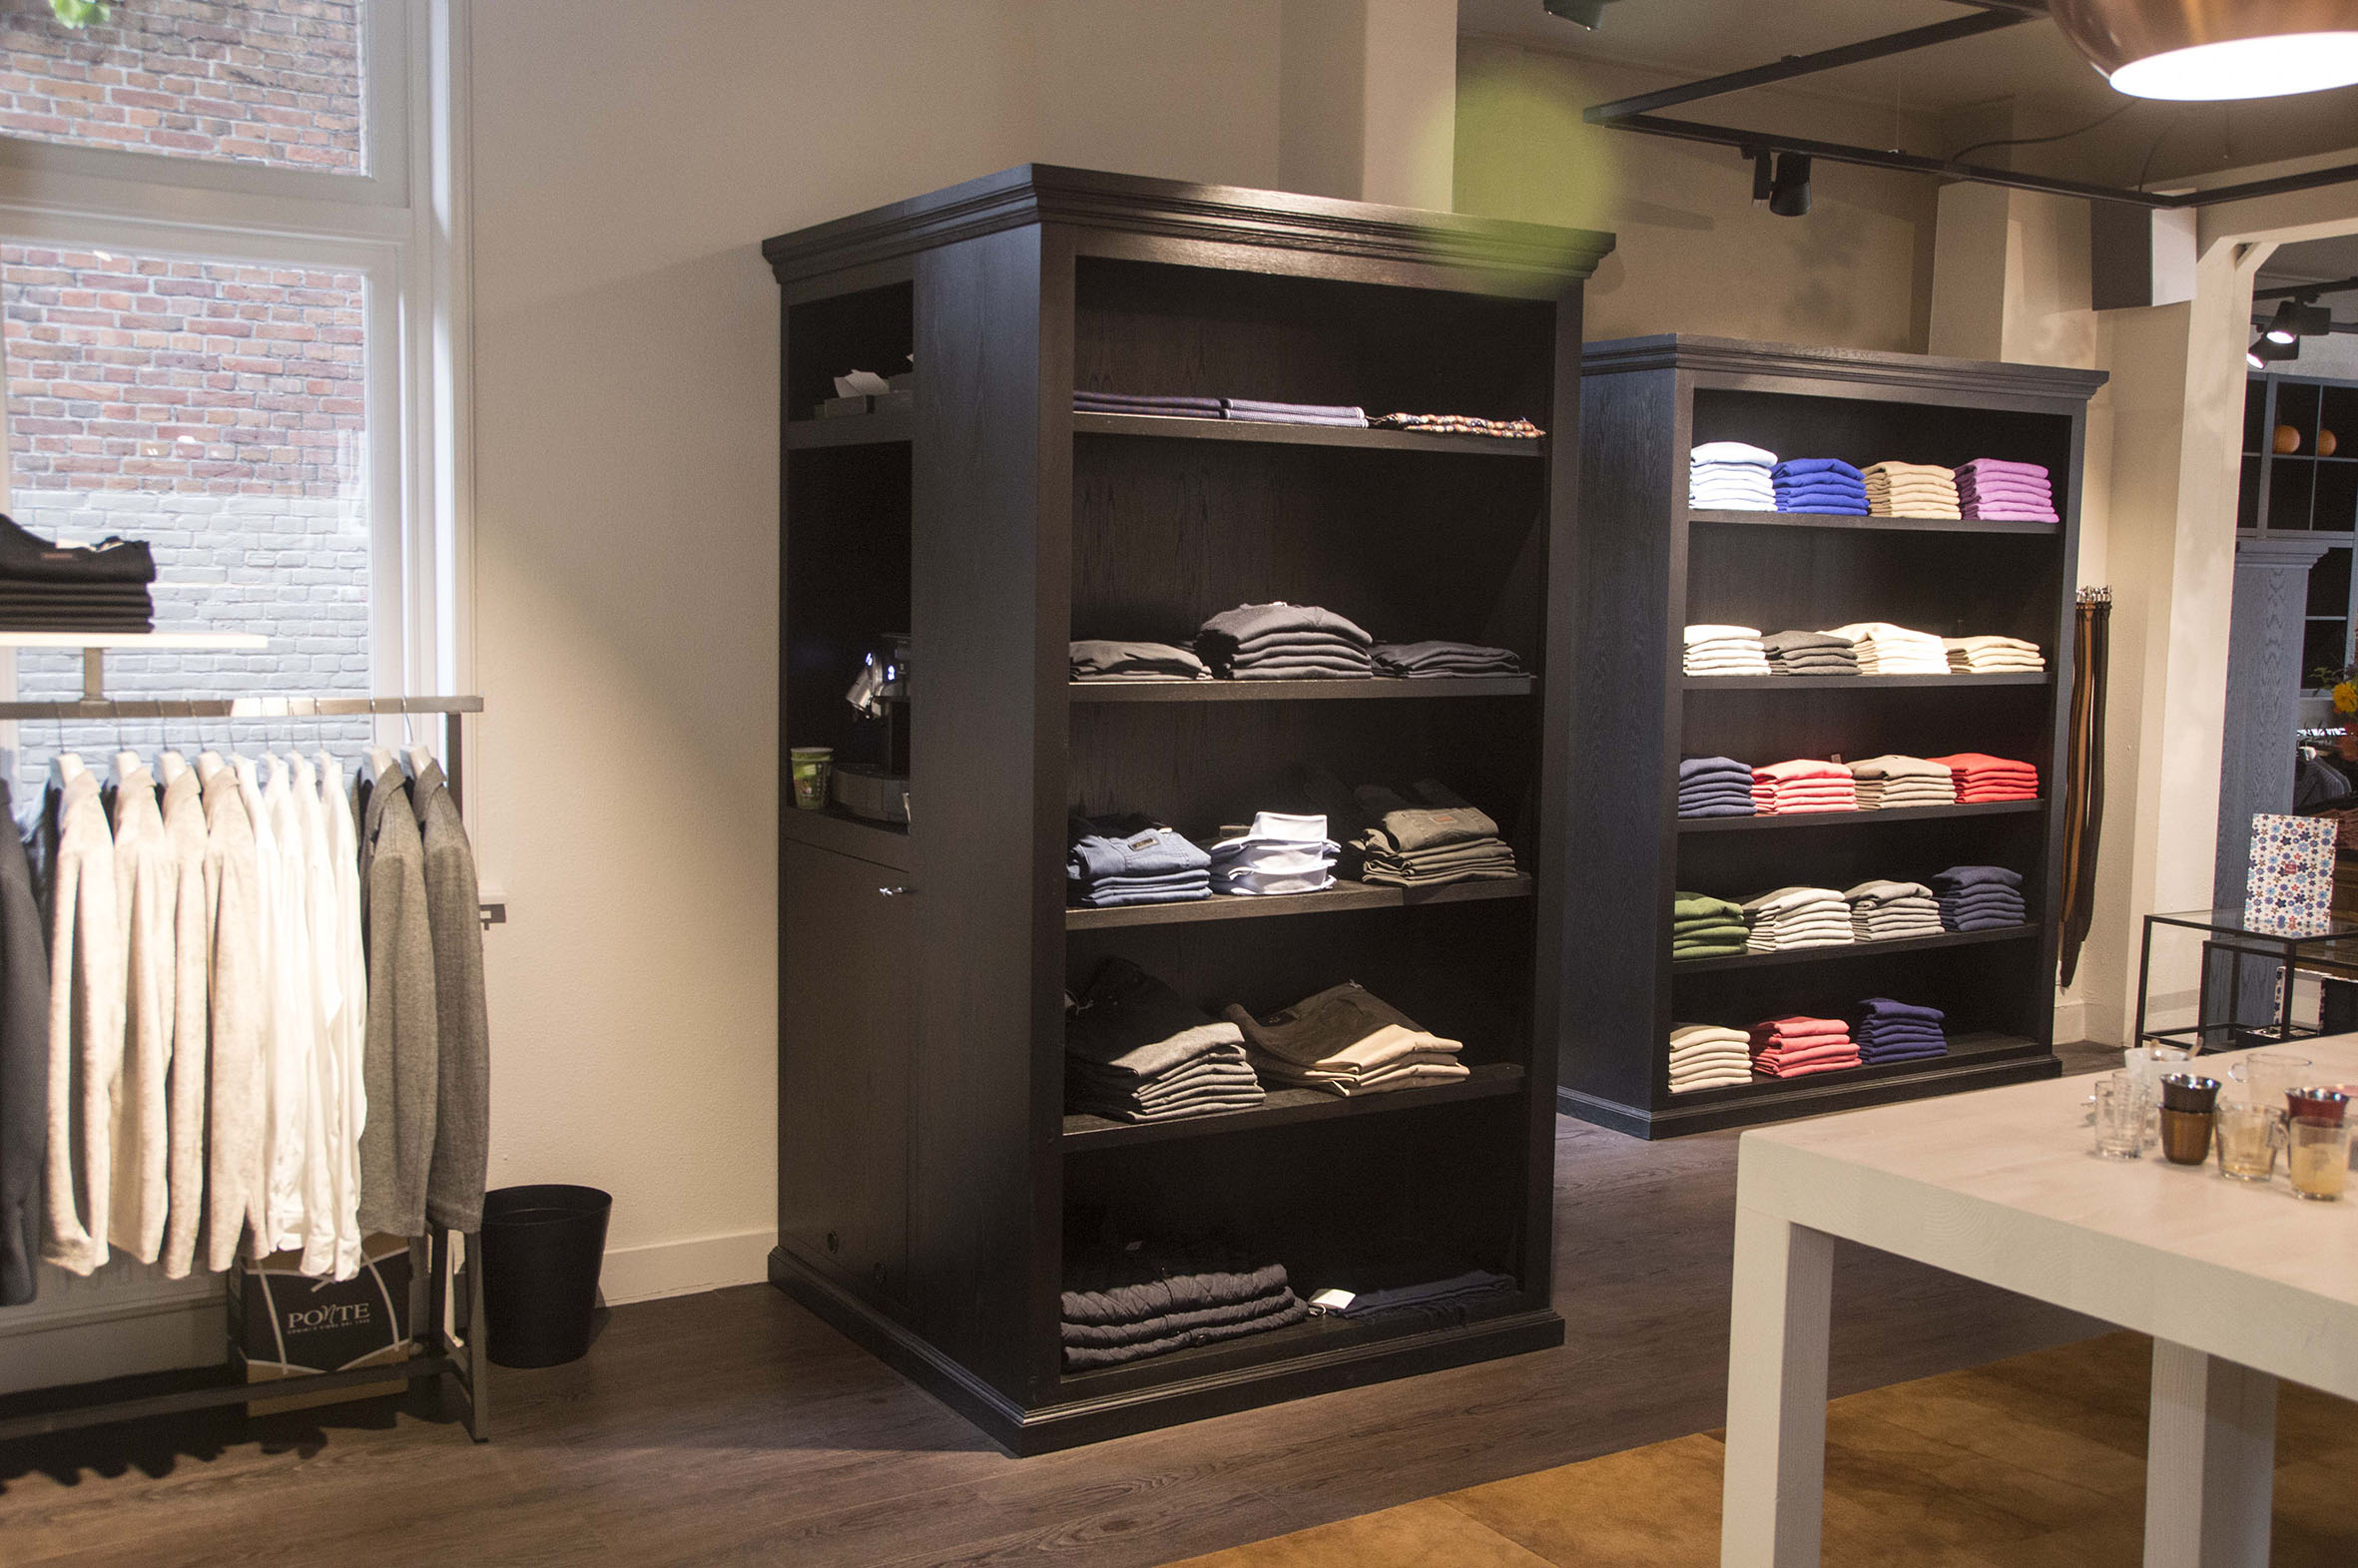 daisy-vd-heuvel-Alexander-M51-Retail-maatwerk-kast